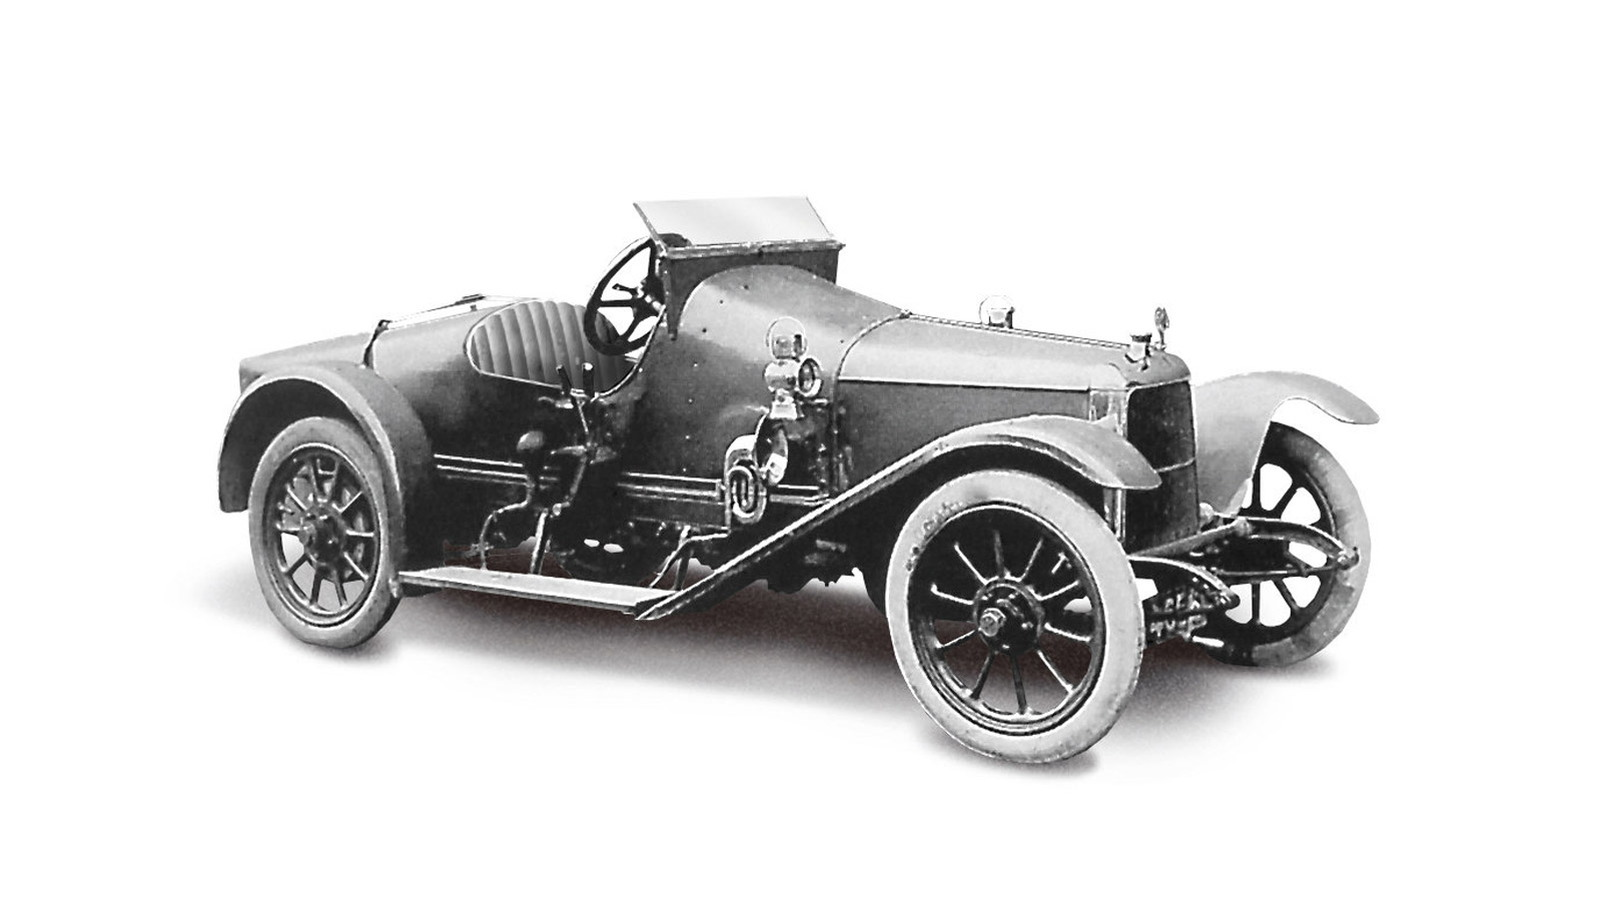 1915 Coal Scuttle